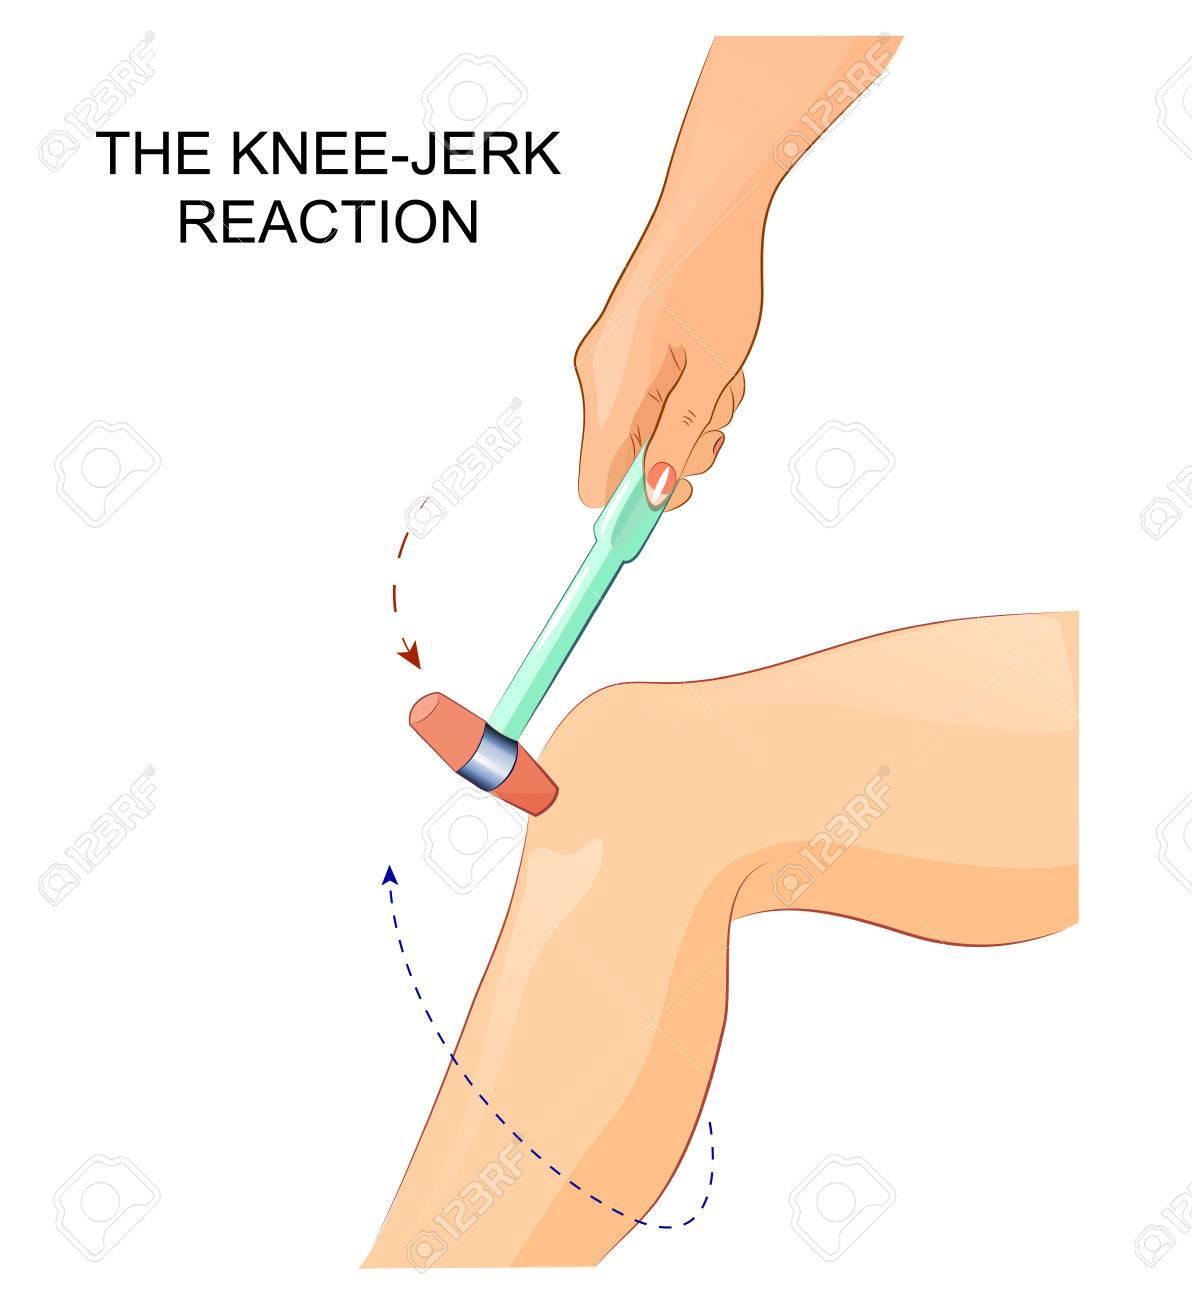 膝の反射神経でのイラストのイラスト素材ベクタ Image 72968492